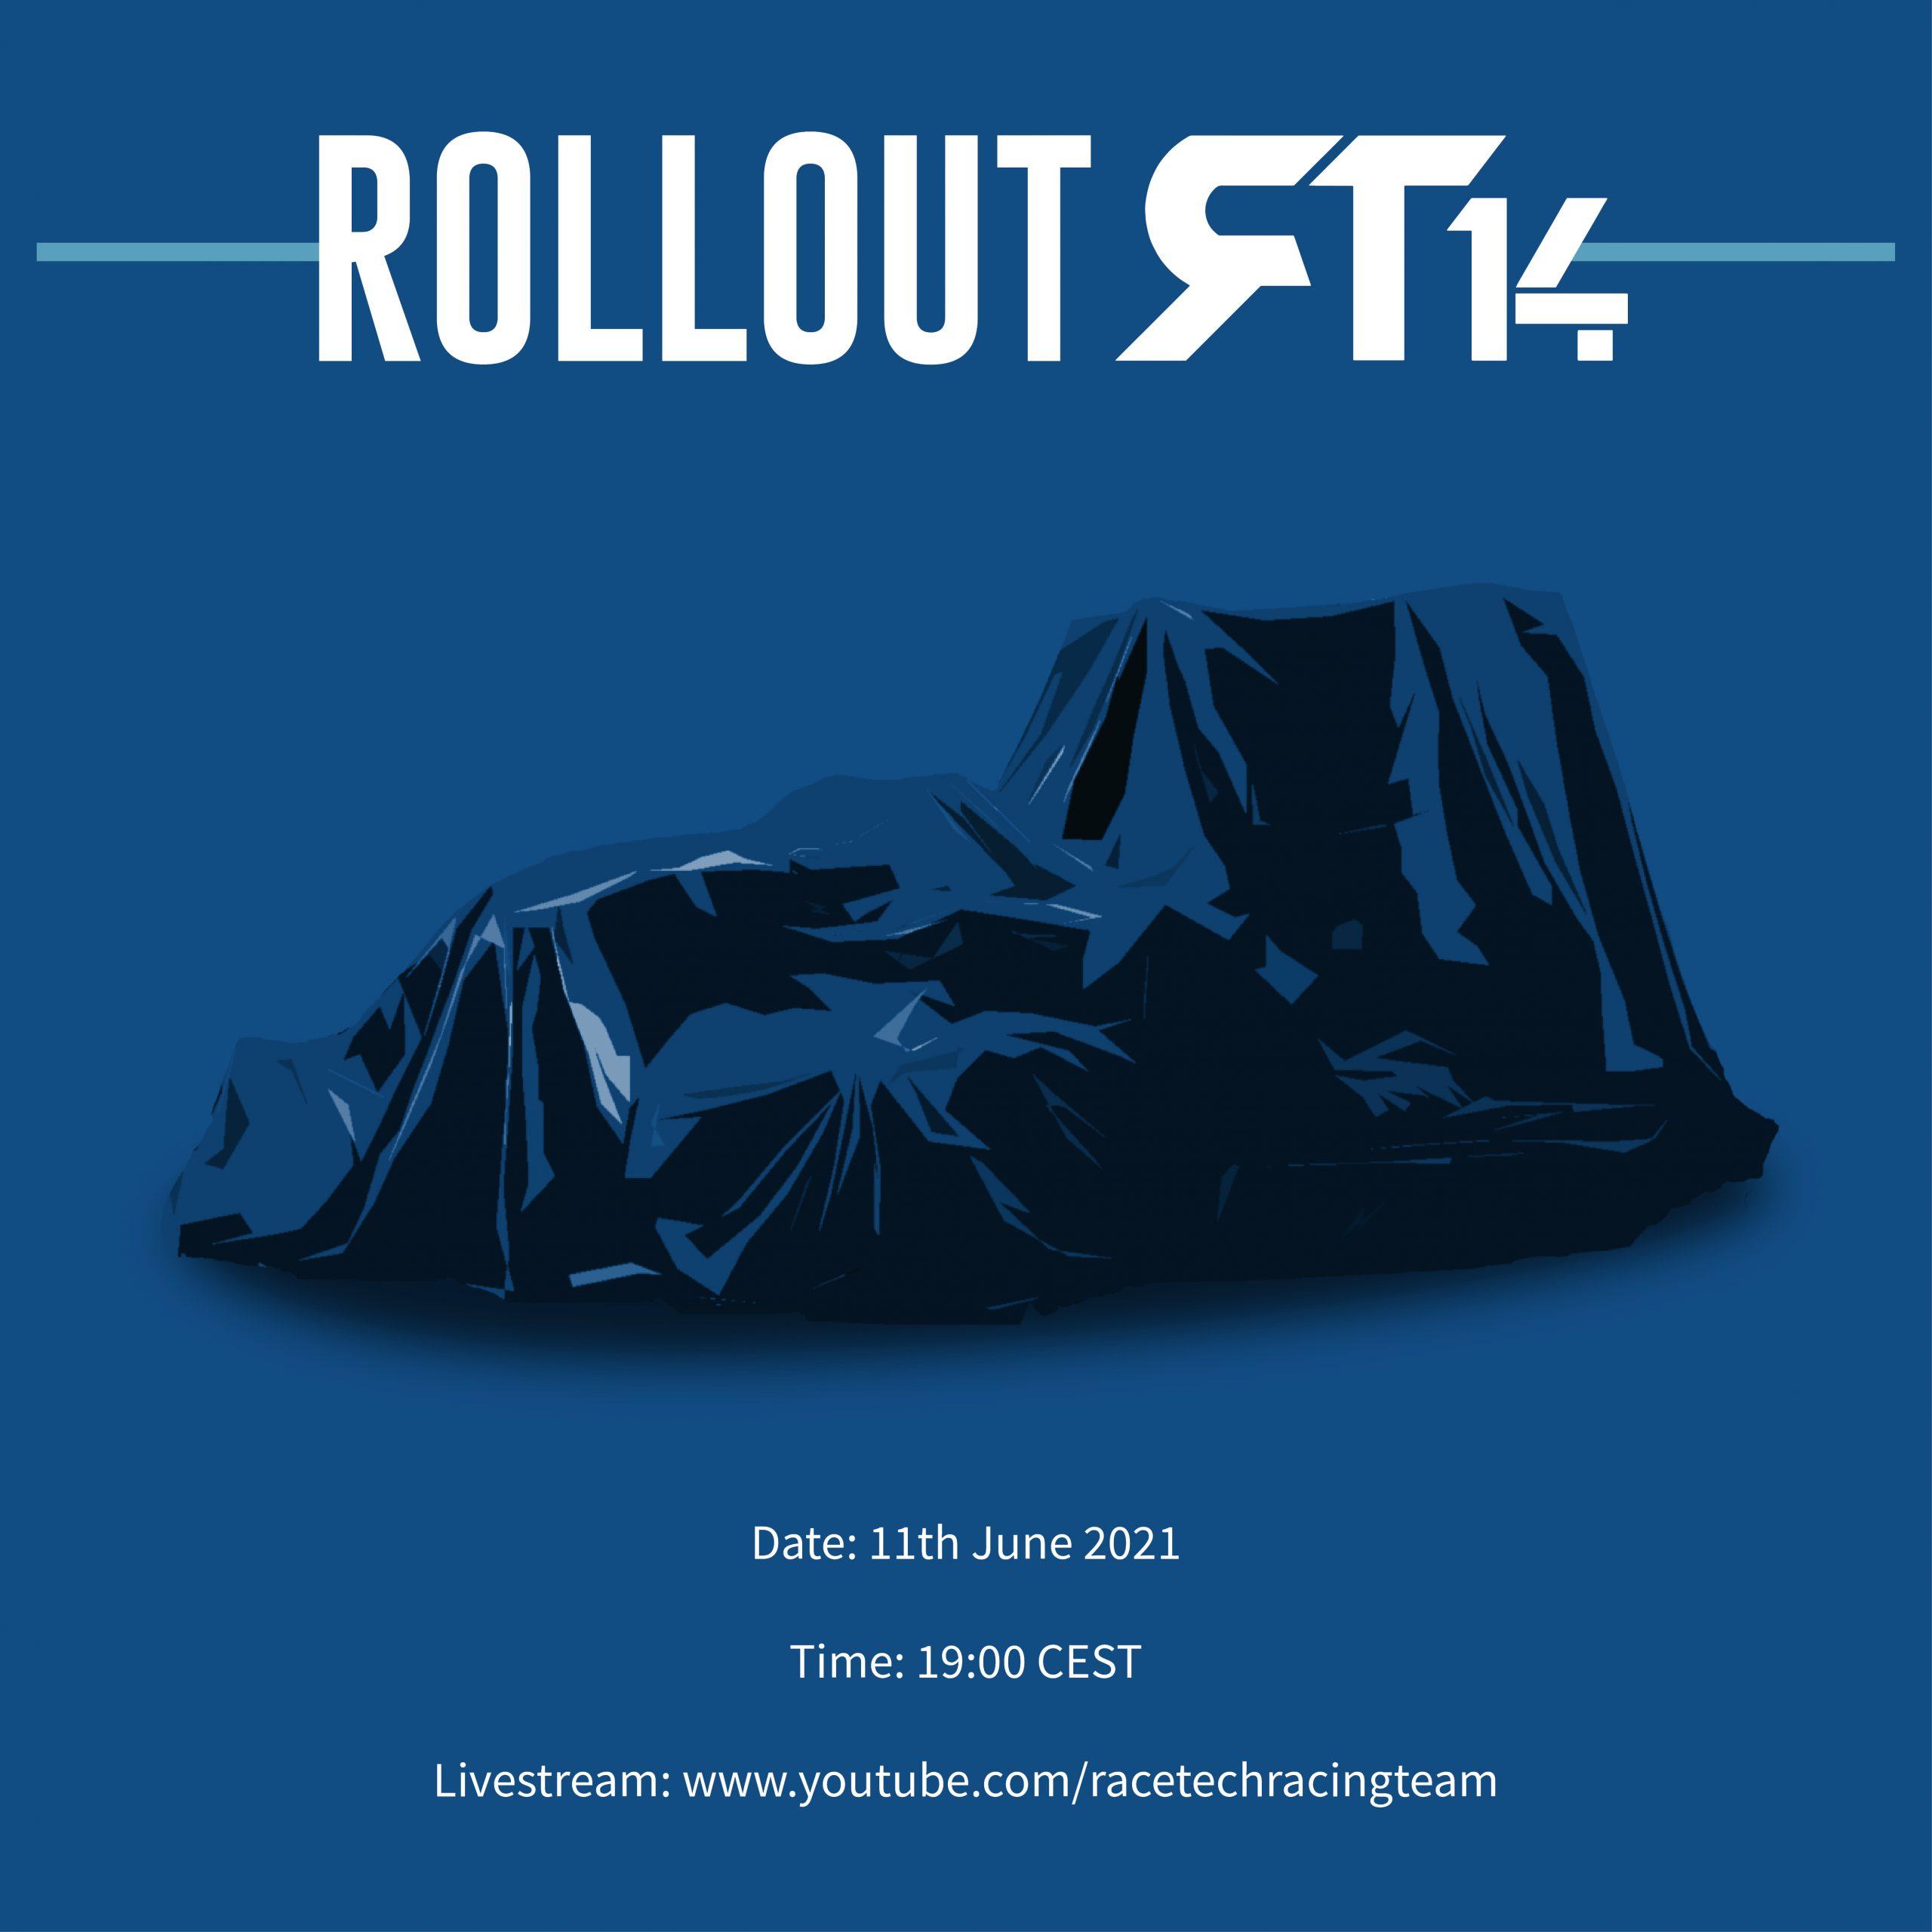 20210425_Social Media_Rollout_RT14_2021_V2 (1)